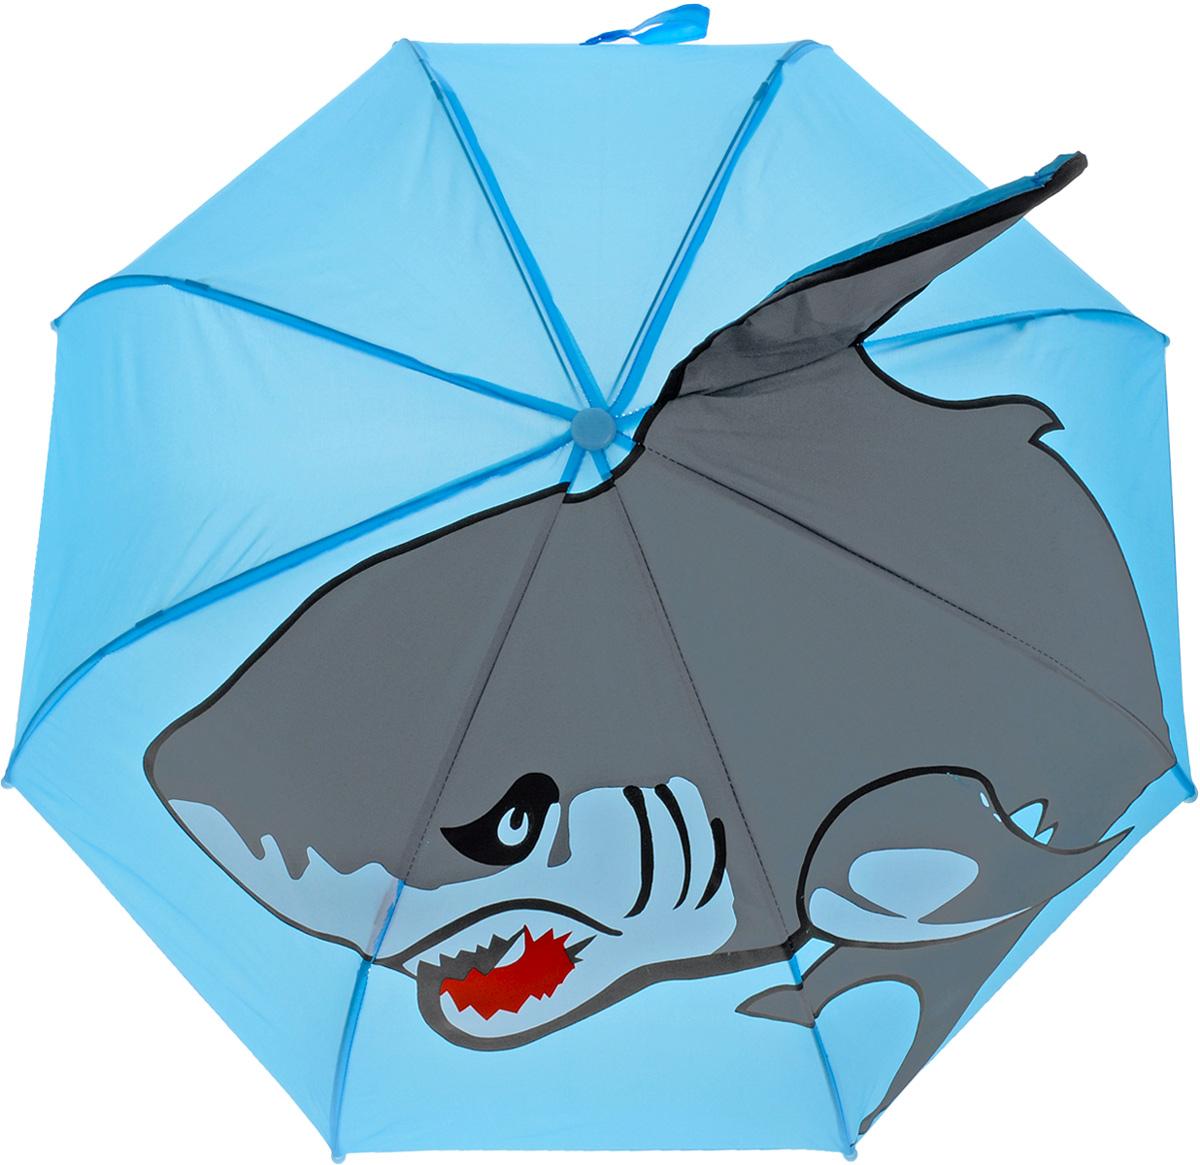 Mary Poppins Зонт-трость детский АкулаREM12-CAM-GREENBLACKОригинальный и практичный детский зонт-трость Mary Poppins Акула будет отличным подарком для вашего ребенка. Зонт состоит из восьми спиц и стержня, выполненных из прочного, но легкого металла. Купол выполнен из качественной синтетической ткани с рисунком акулы и объемным плавником. Зонт дополнен удобной пластиковой ручкой в виде крючка.Изделие имеет механический способ сложения, купол открываются и закрываются вручную до характерного щелчка. Зонт закрывается хлястиком на липучку. Такой зонтик понравится как мальчикам, так и девочкам. Радиус купола - 46 см.